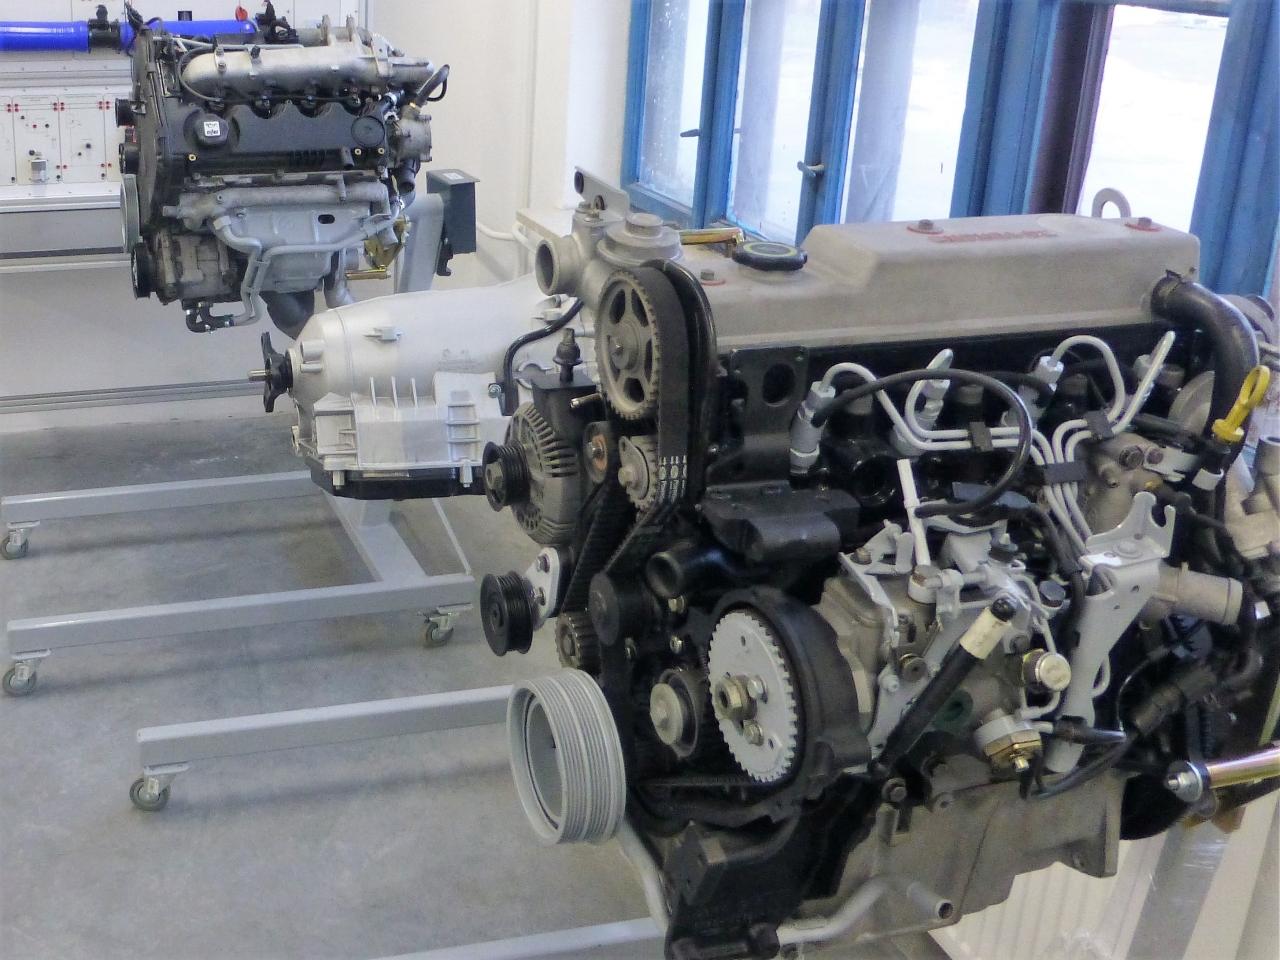 Silniki wysokoprężne na stojakach obrotowych i skrzynia biegów